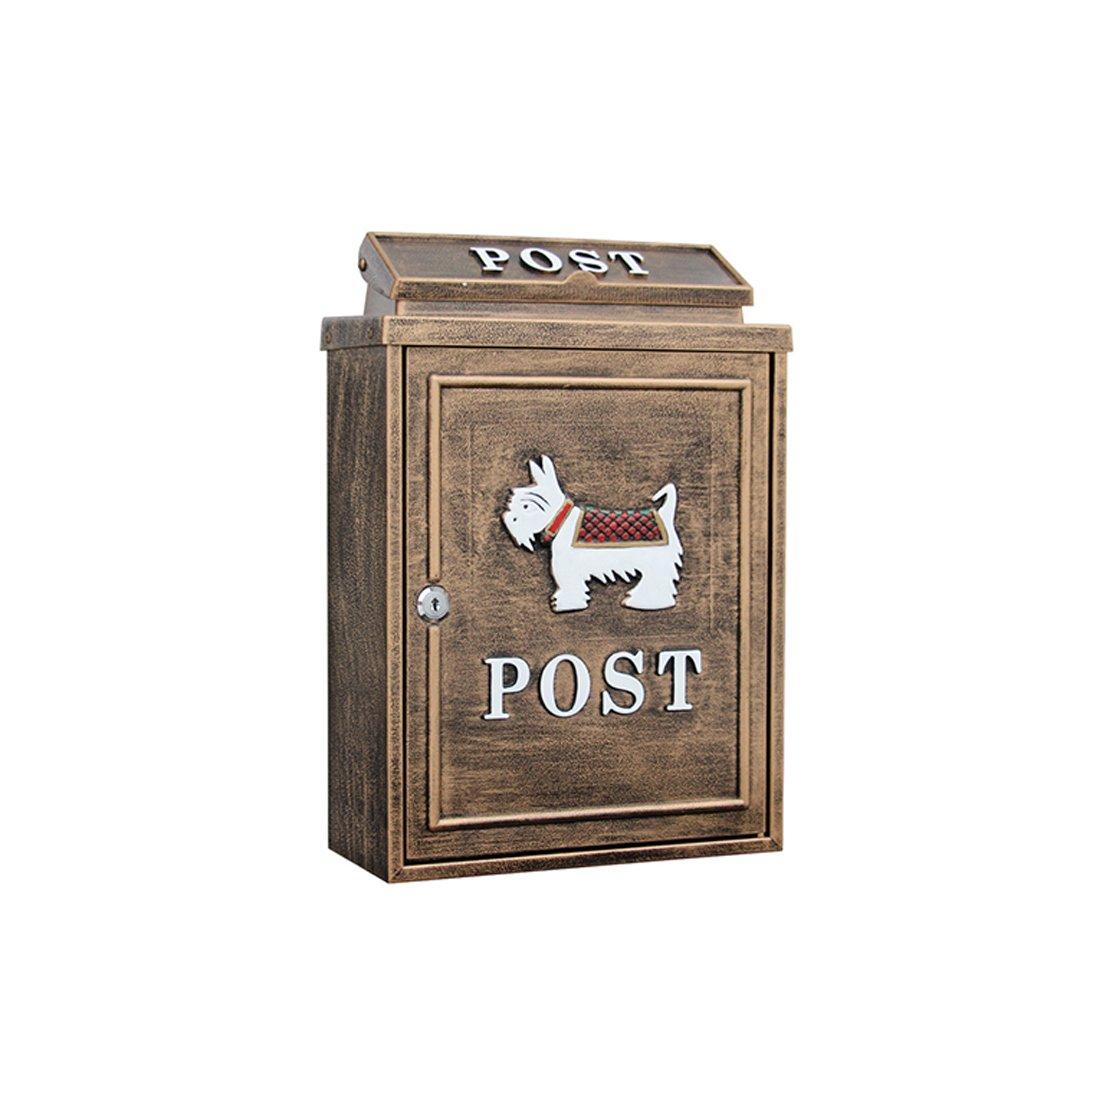 LRW ヨーロッパスタイルのヴィラの郵便箱の屋外のメールボックス防水レインウォール防水クリエイティブメールボックス B07CVSS7MD 19927